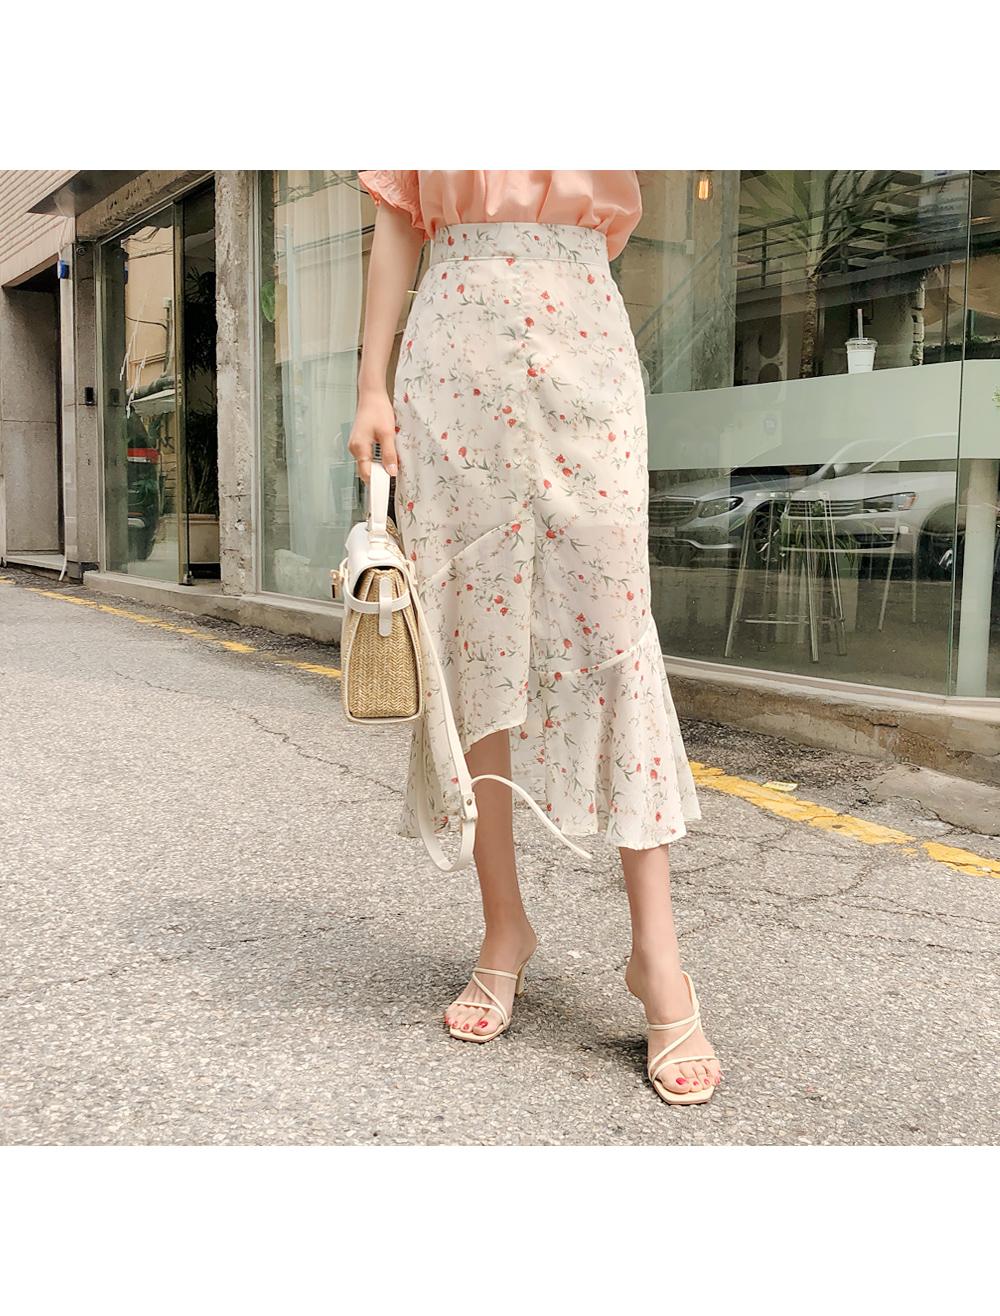 Good skirt skirt